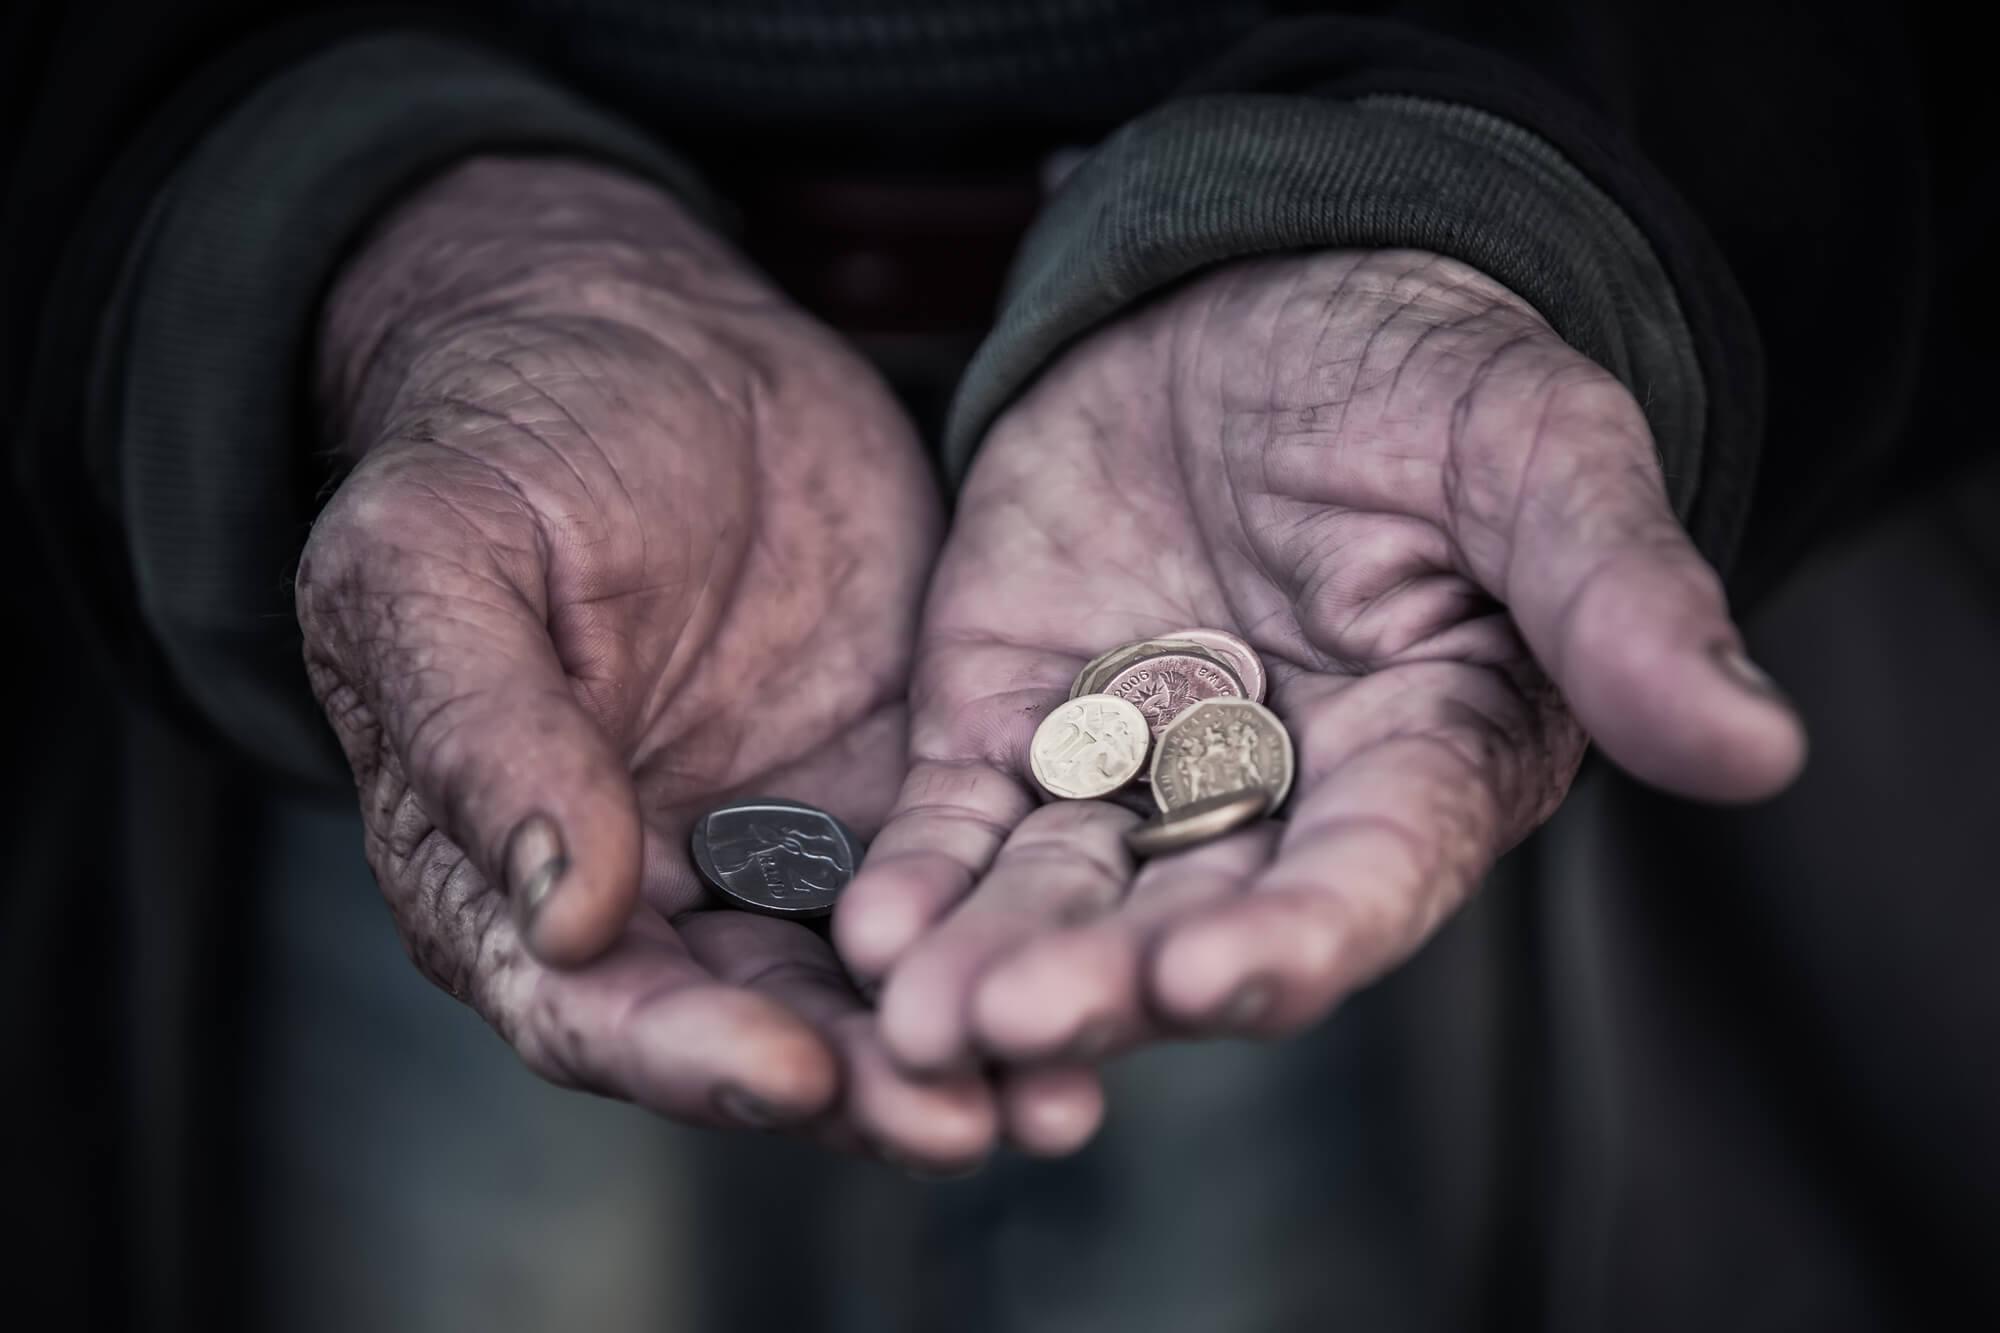 В Україні з 2014 року кількість бідних людей скоротилася майже у чотири рази